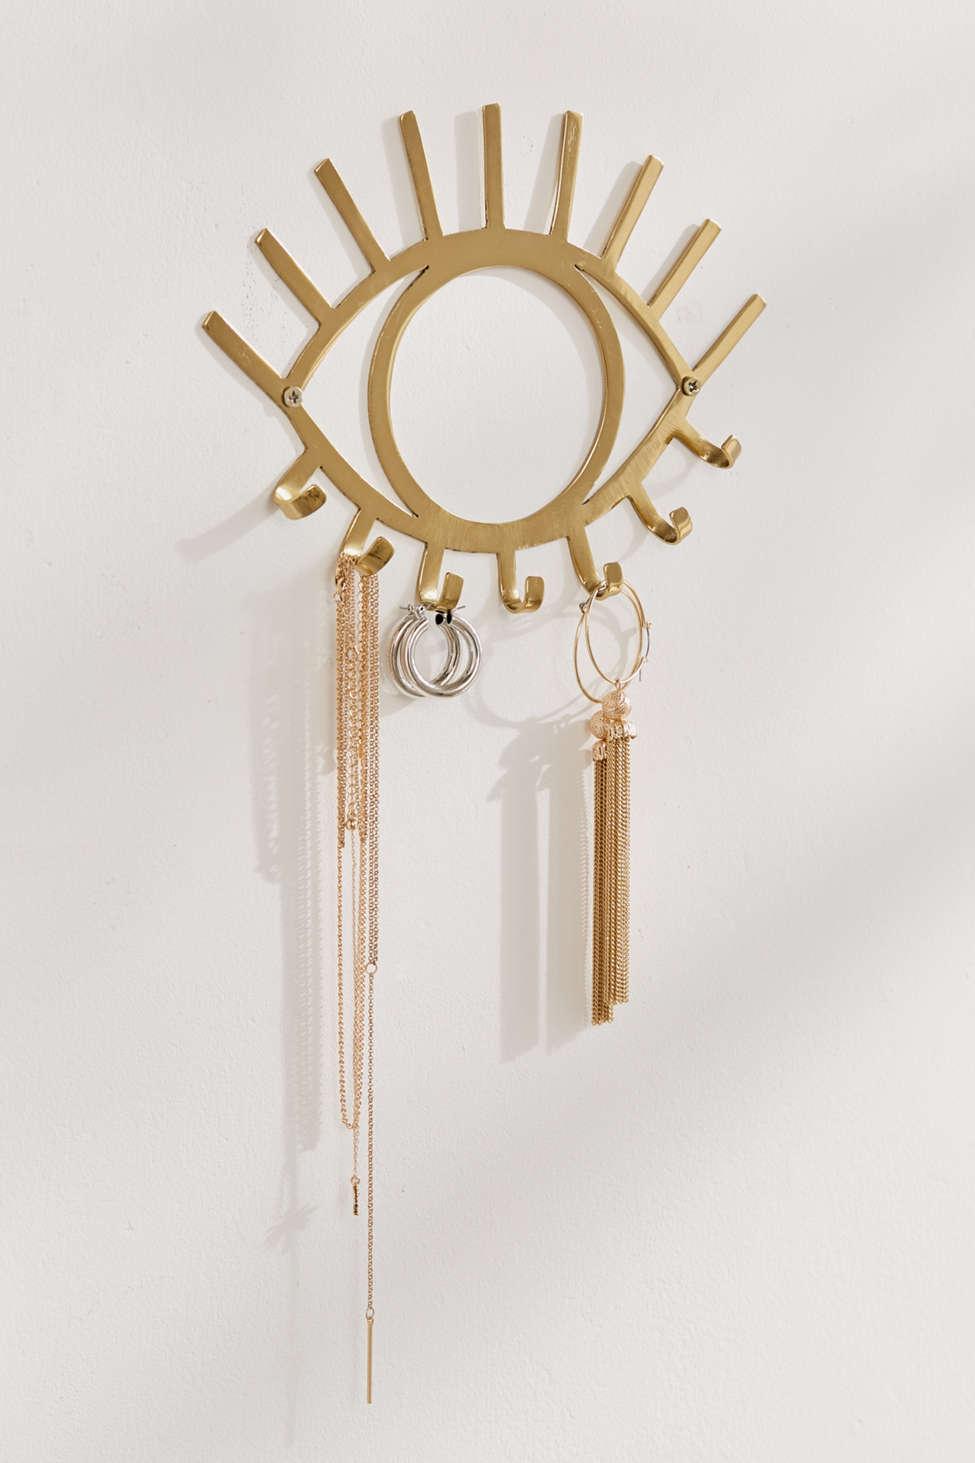 Slide View: 1: Eye Jewelry Multi-Hook